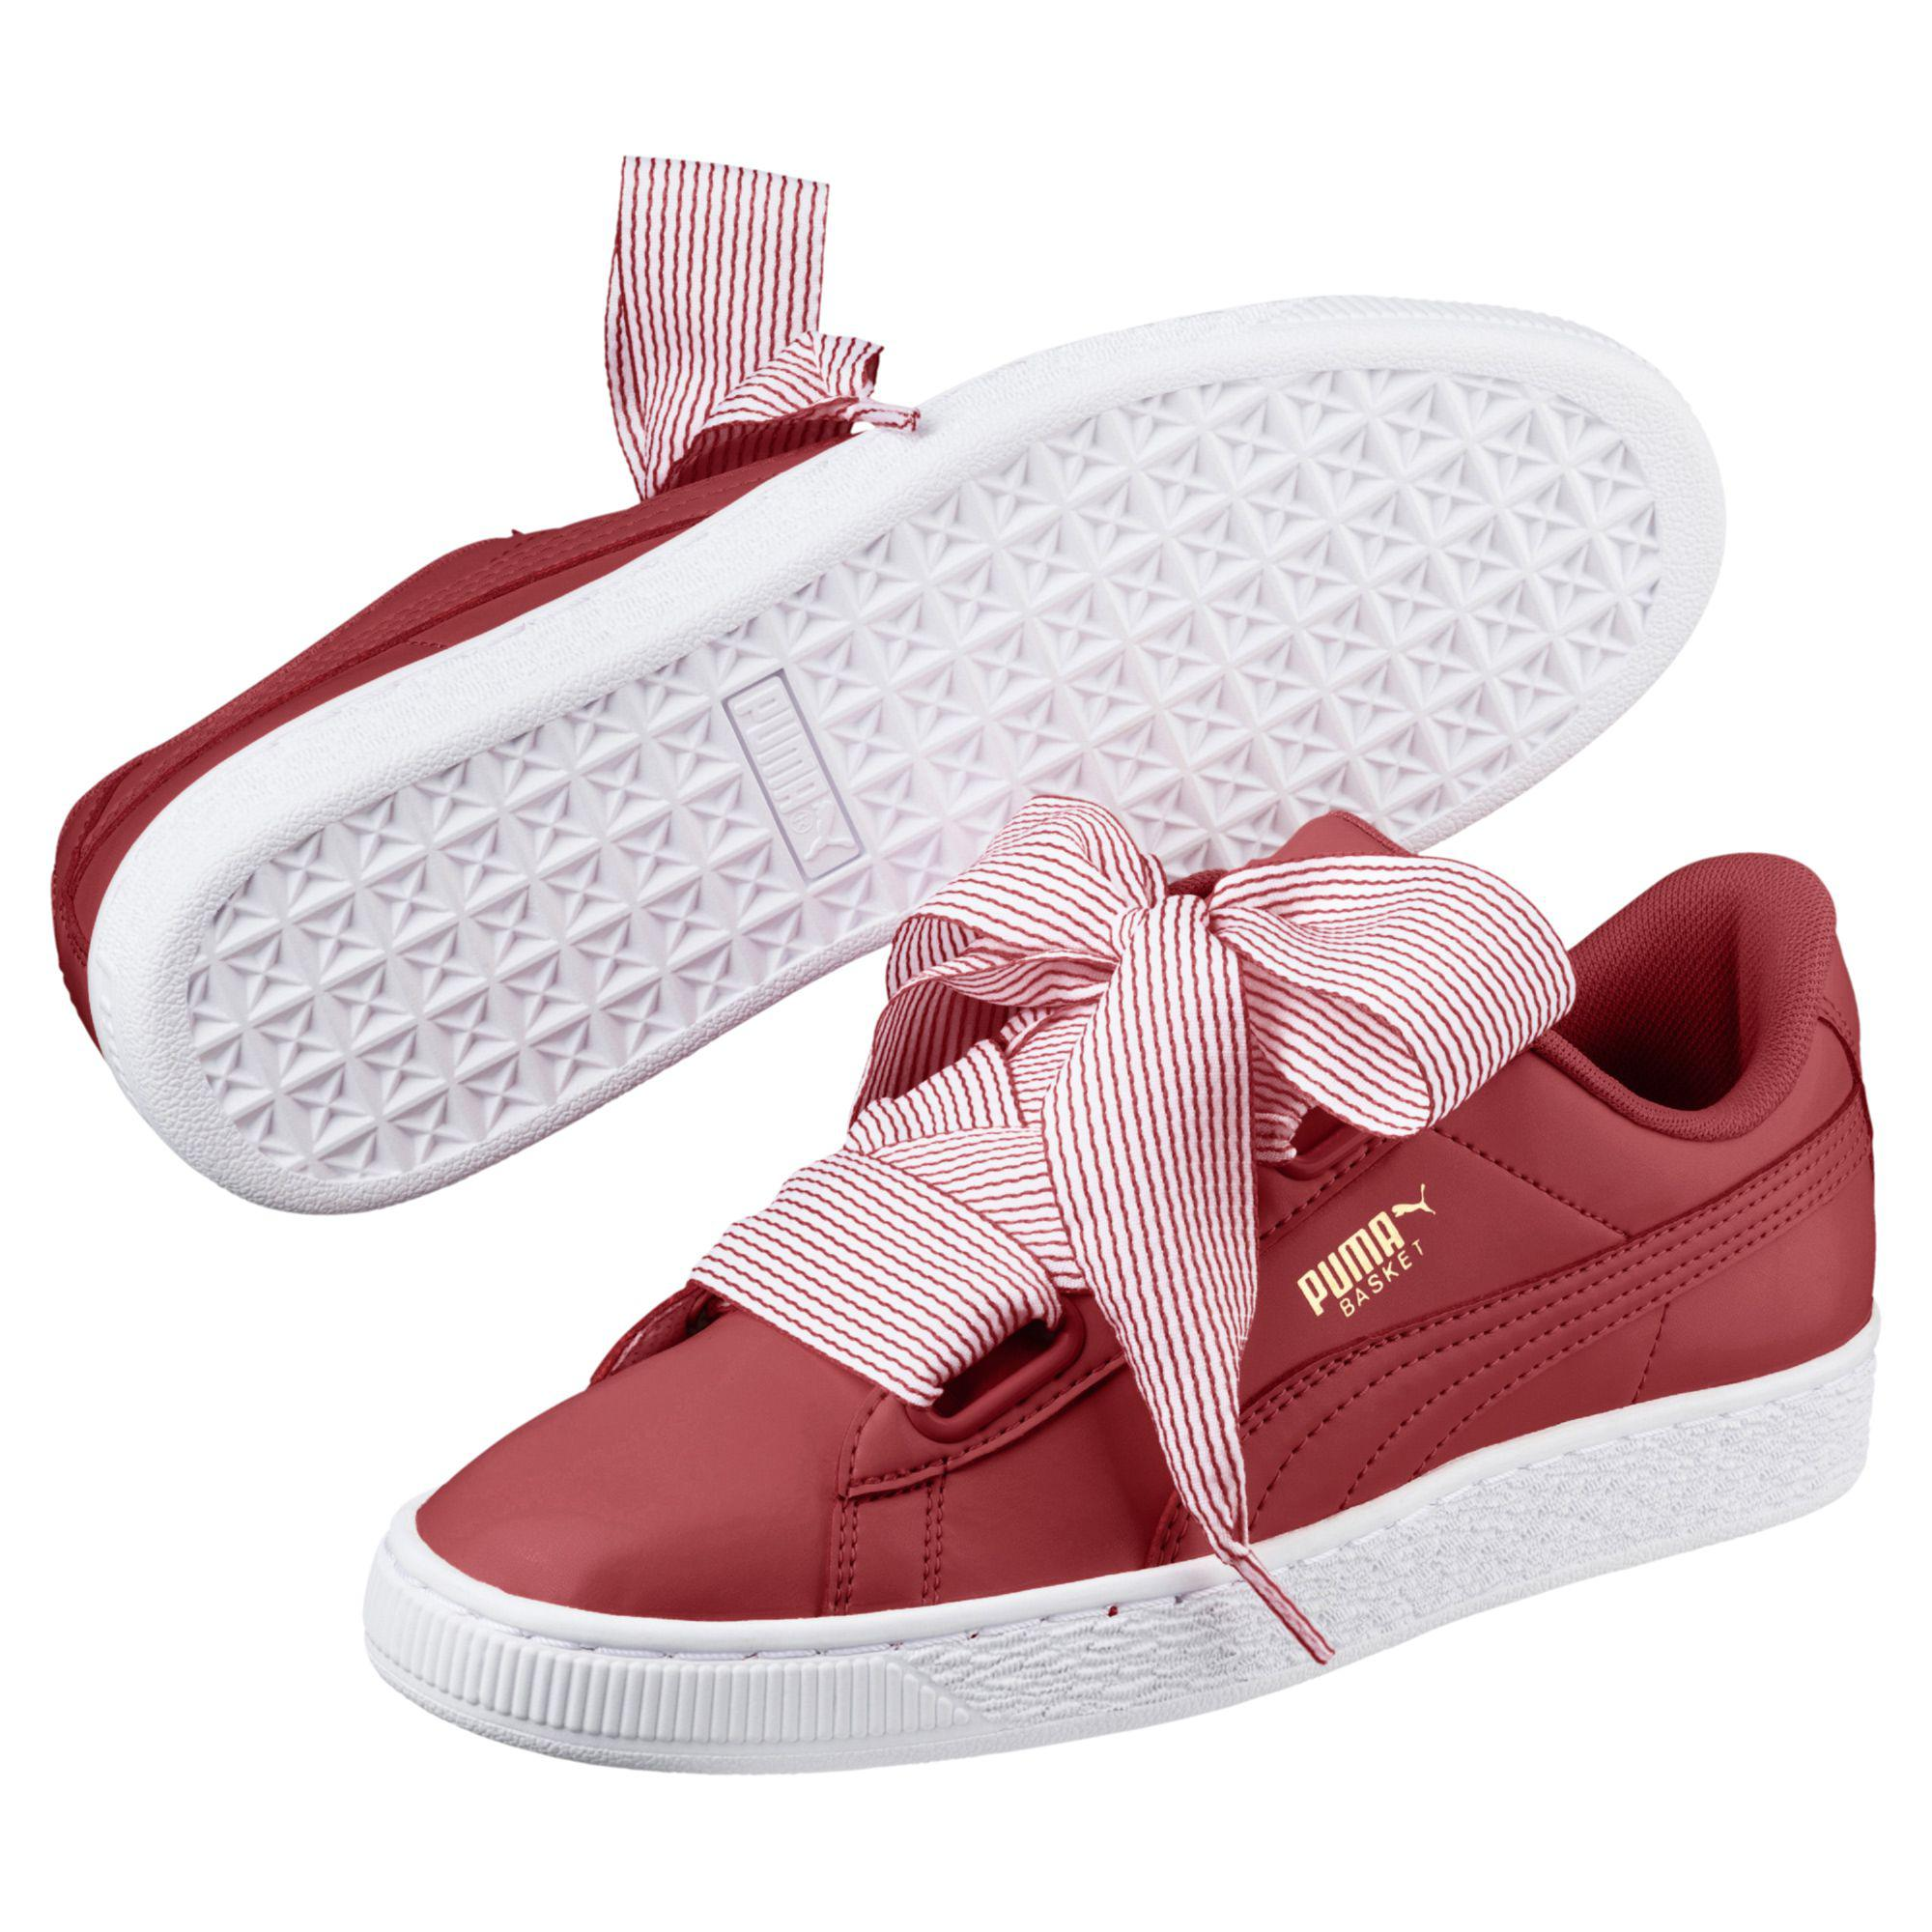 b028849f7b41 Lyst - PUMA Basket Heart Women s Sneakers in Red